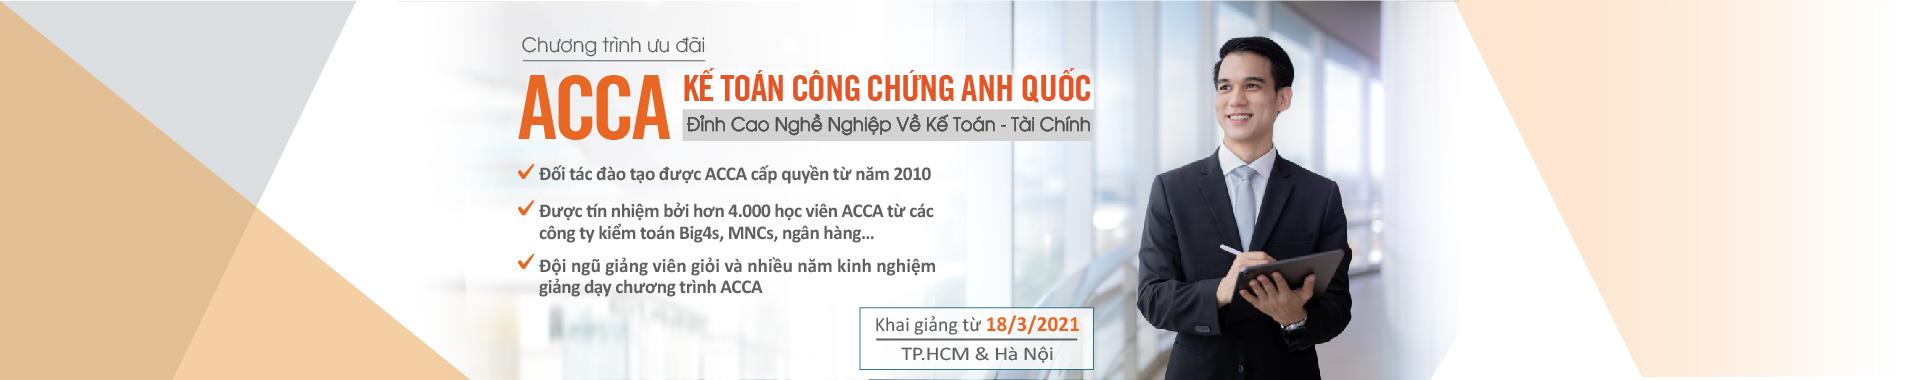 Uu dai ACCA_website